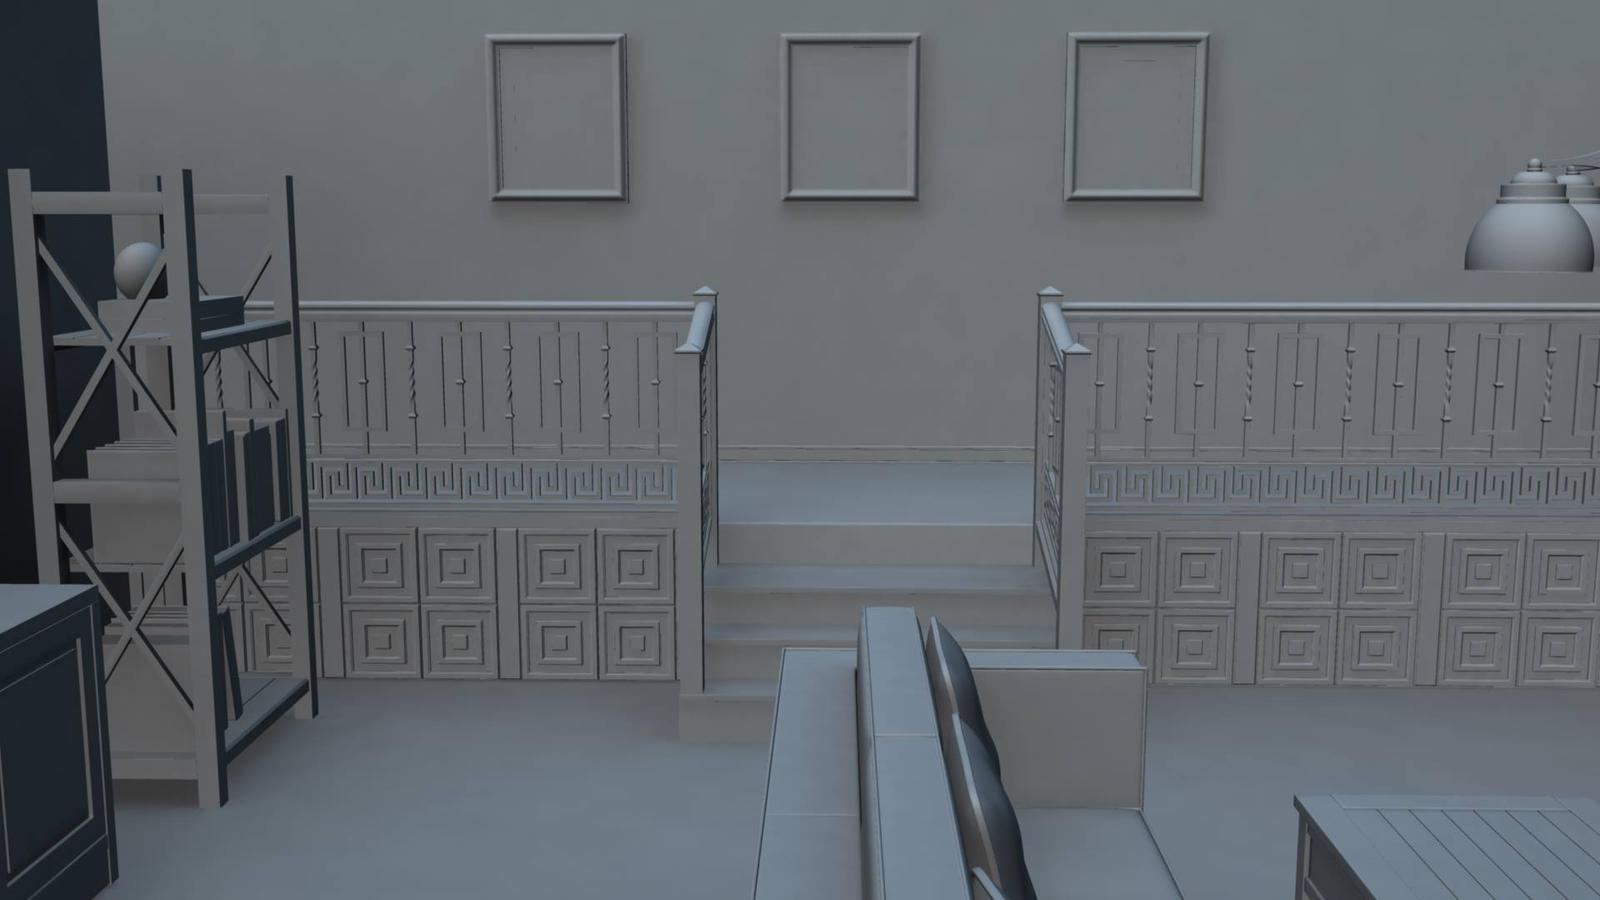 Interior 05 by BRokeNARRoW13